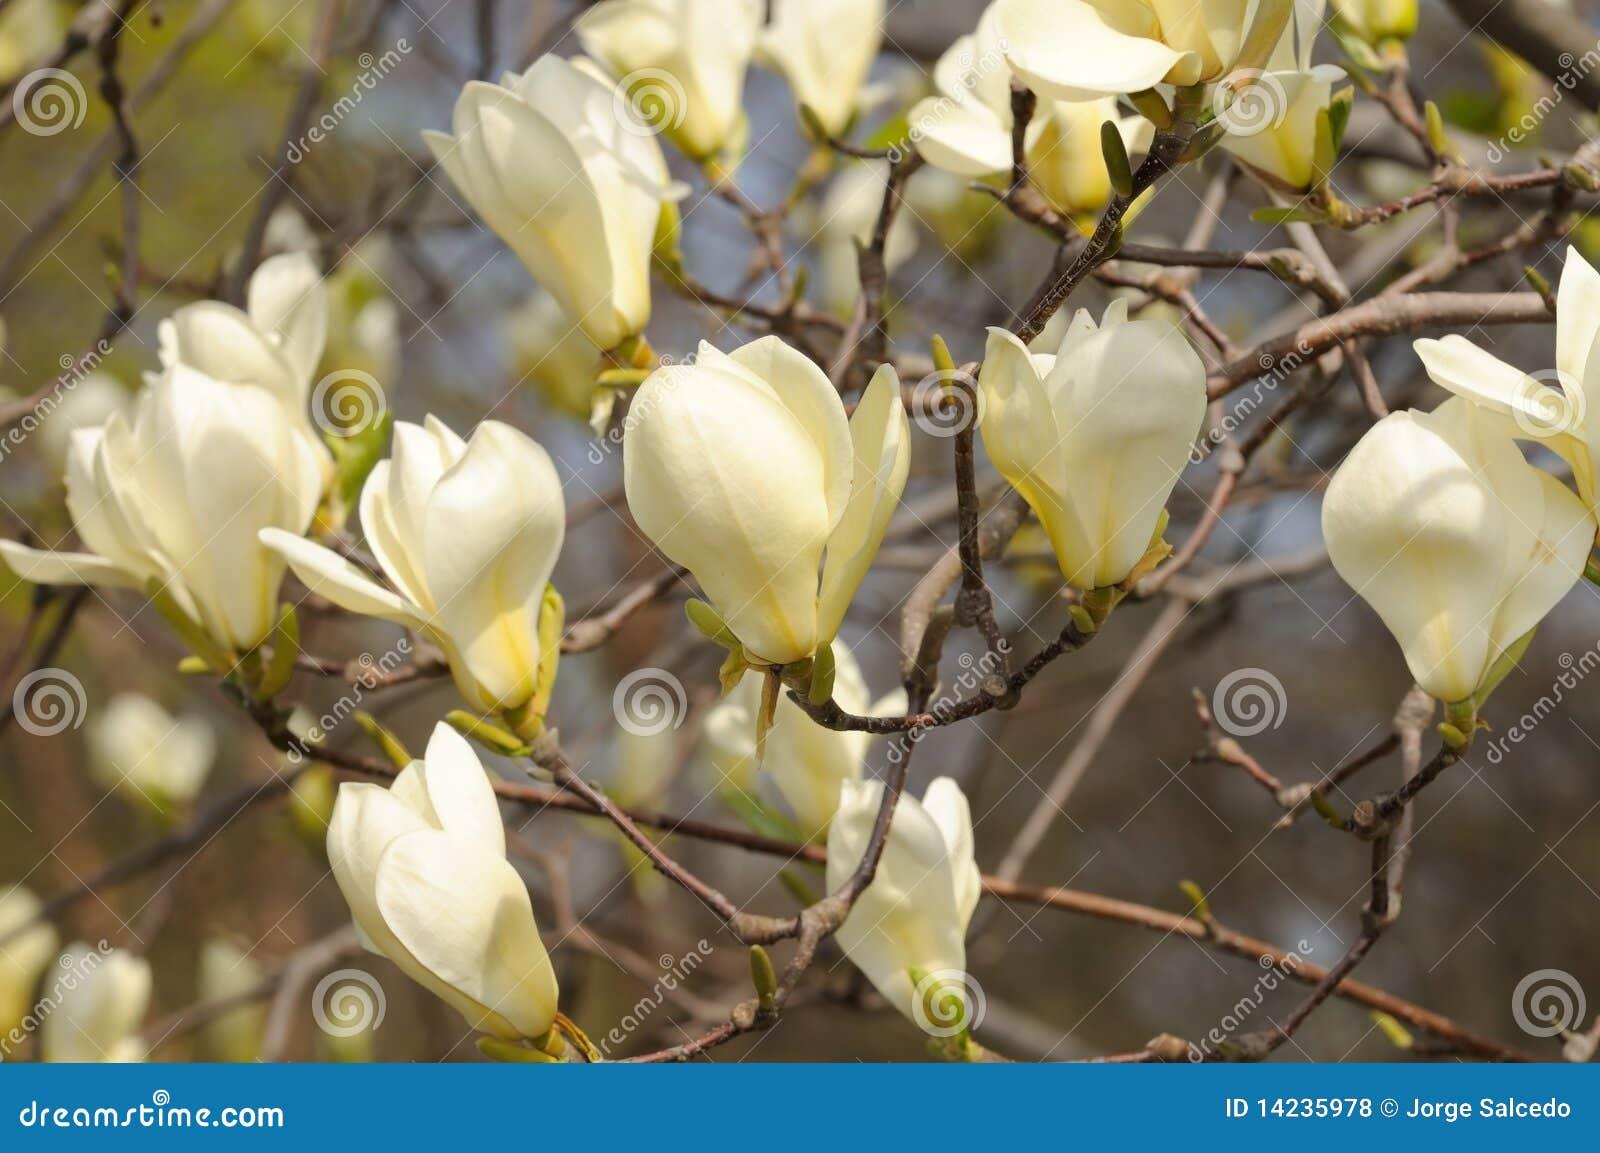 gelbe magnolie stockfoto bild von sonderkommando garten. Black Bedroom Furniture Sets. Home Design Ideas